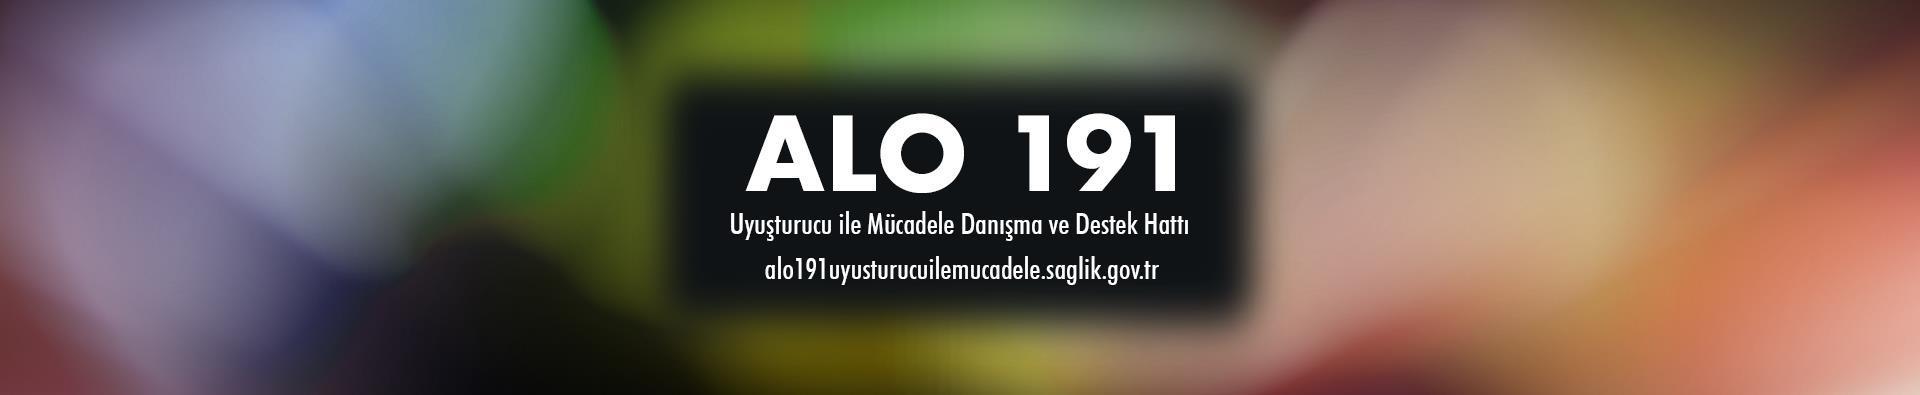 16874,alo-191---alt-bannerpng.png